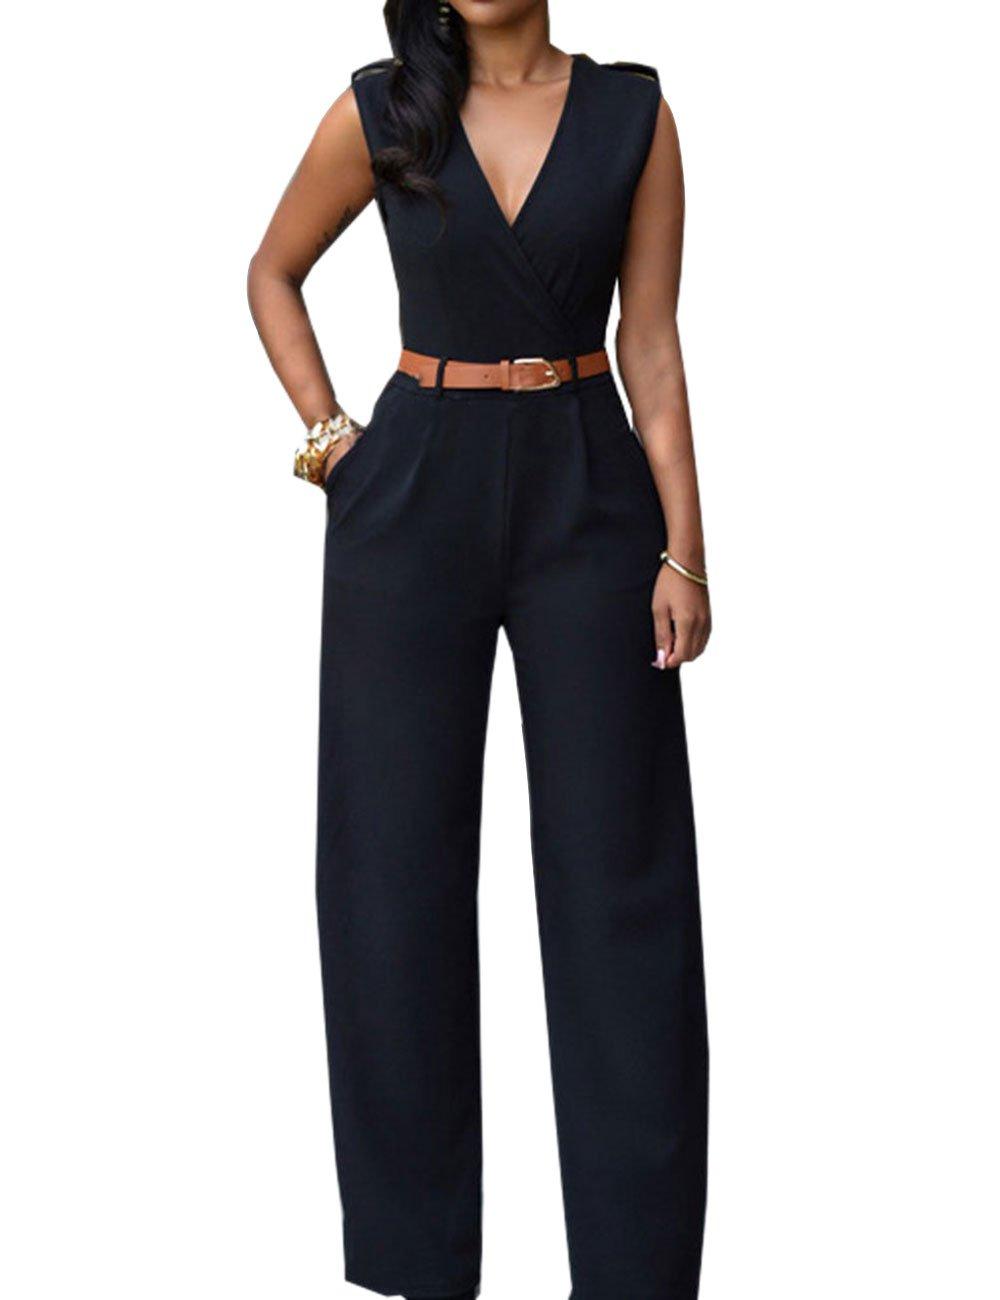 iecool Womens Sexy Deep V Sleeveless High Waist Belted Wide Leg Jumpsuit Black Large